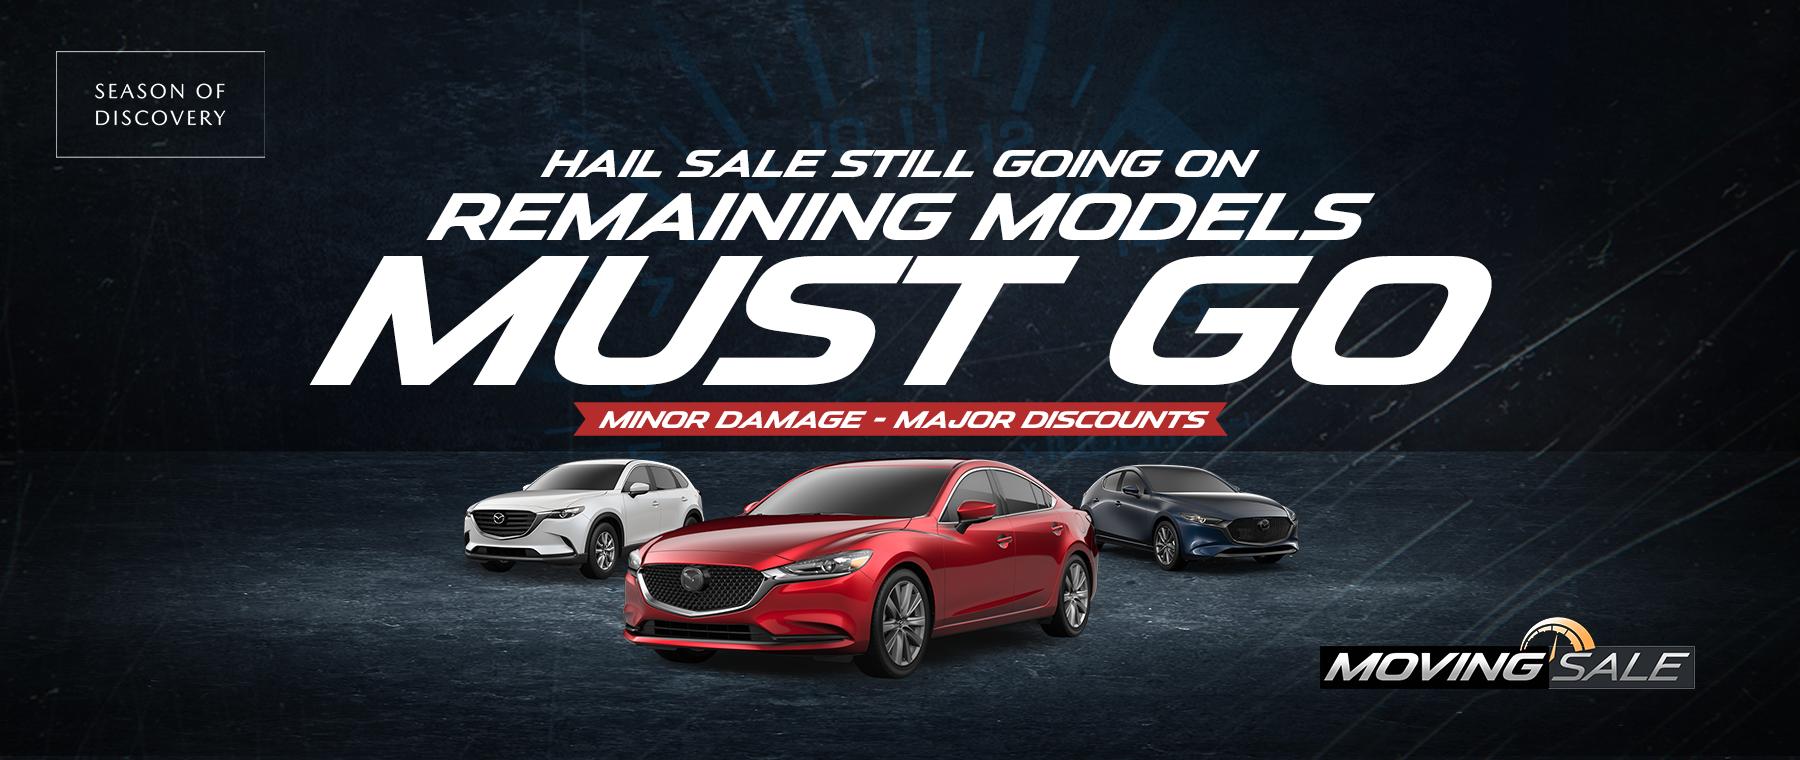 Hail Savings at Jeff Haas Mazda